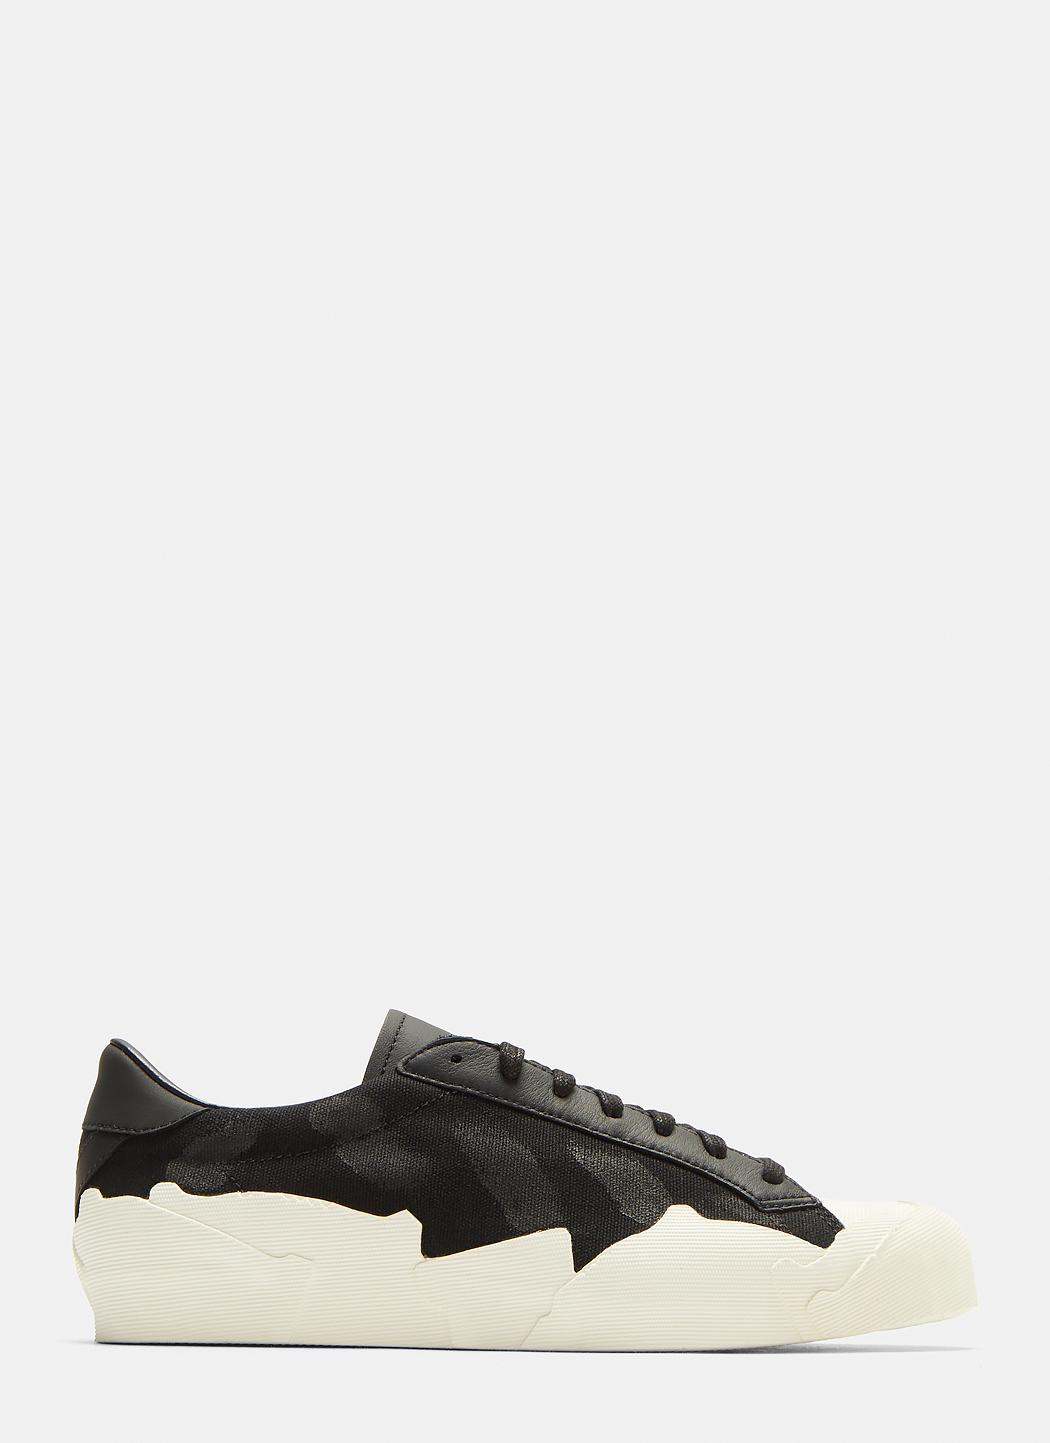 Y-3 Black Lars Sneakers 8B19Go7J